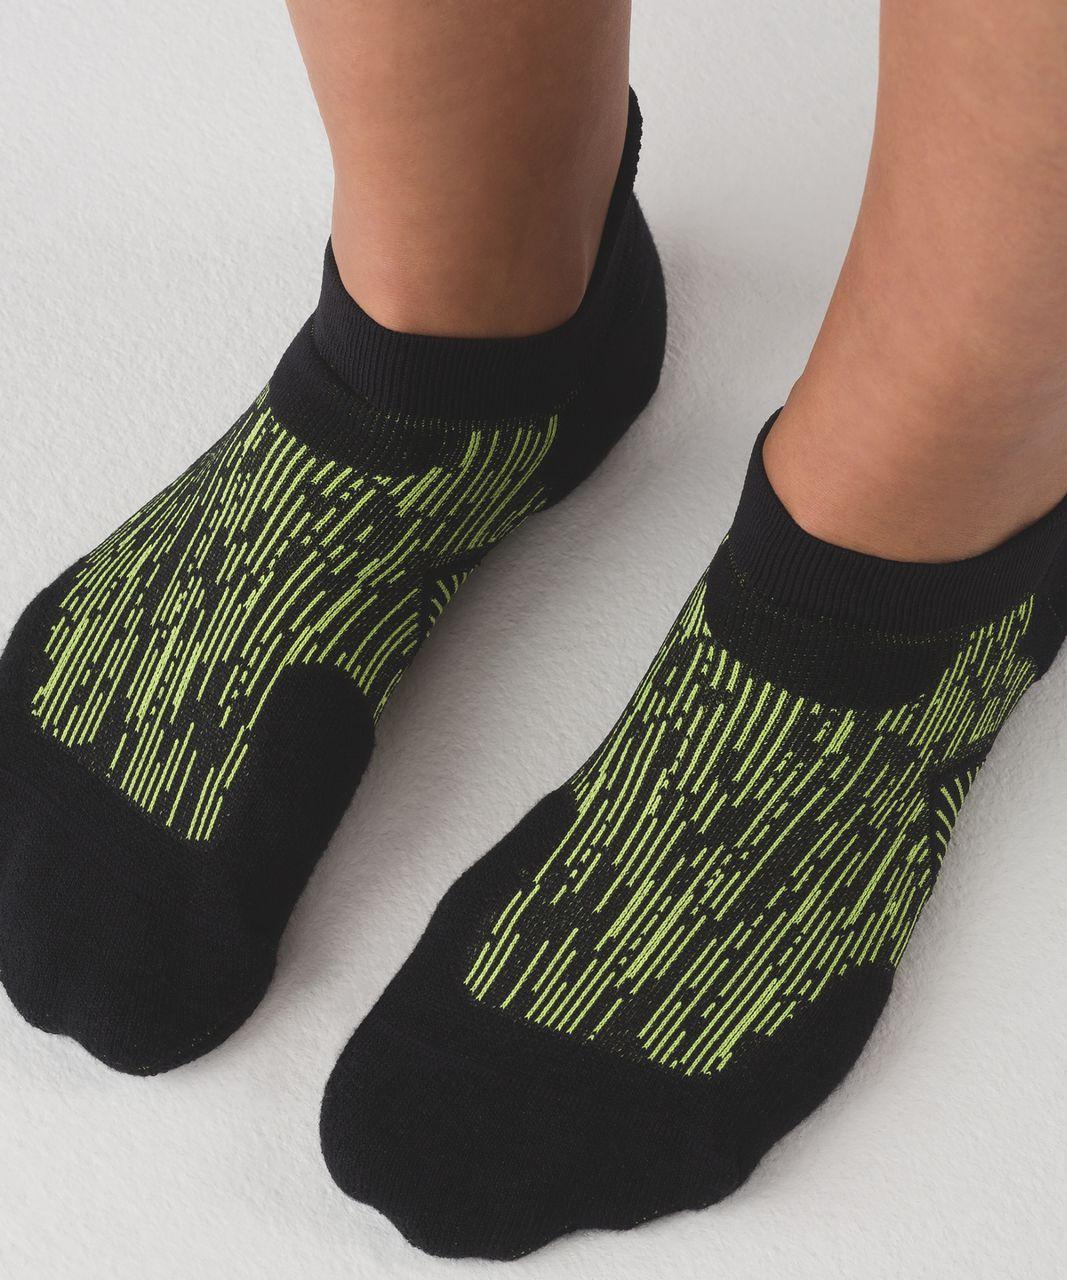 Lululemon High Speed Sock (Silver) - Black / Lime Light / Capri